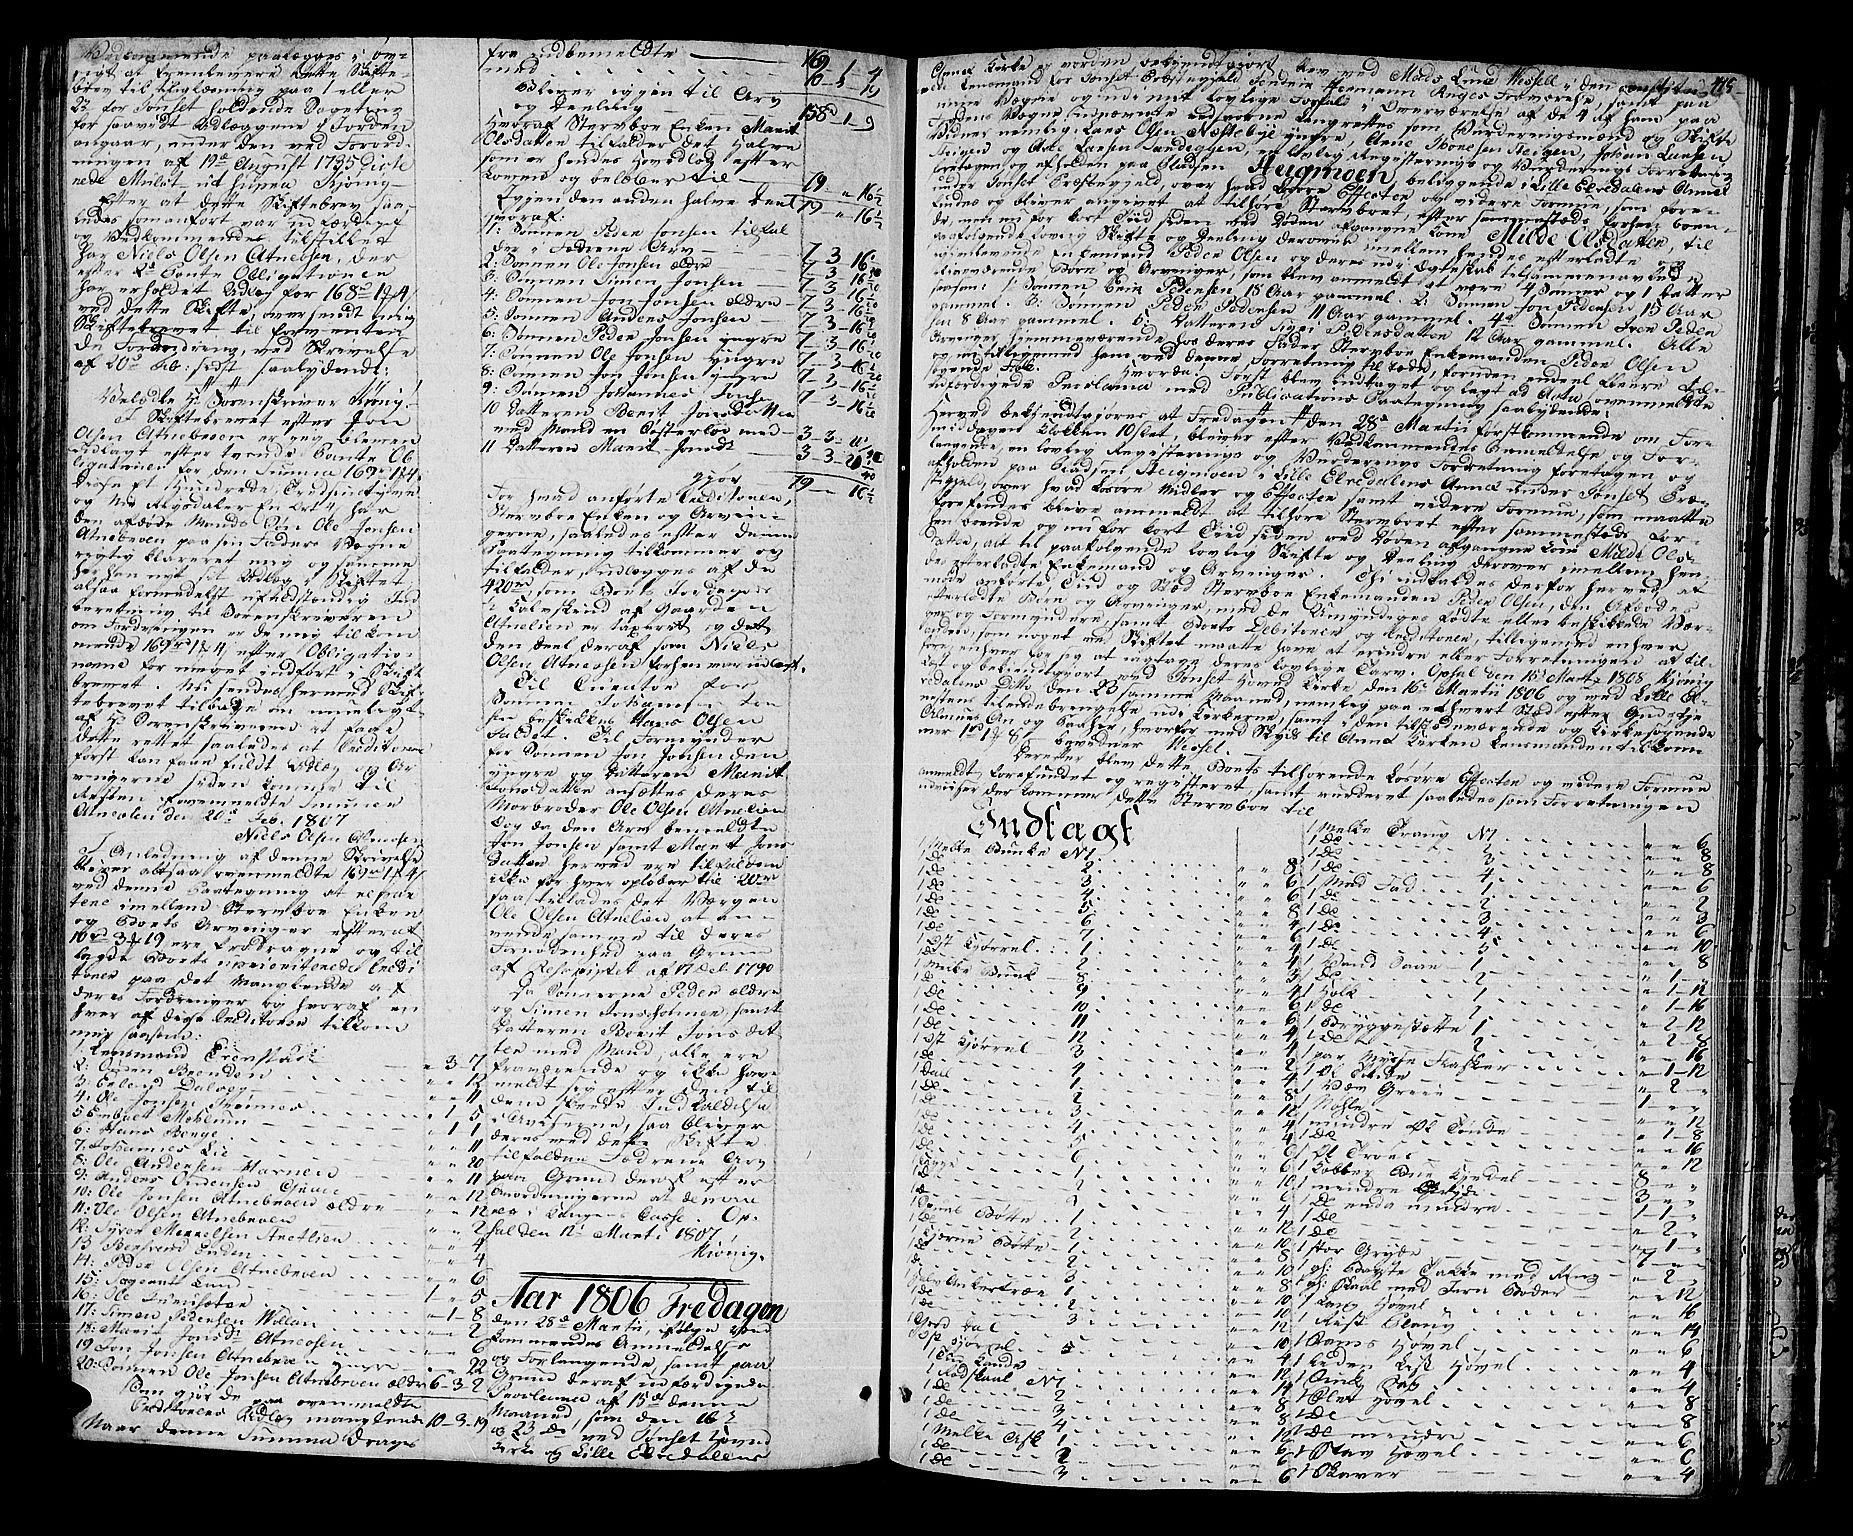 SAH, Østerdalen sorenskriveri, J/Ja/L0009: Skifteprotokoll, 1803-1806, s. 414b-415a